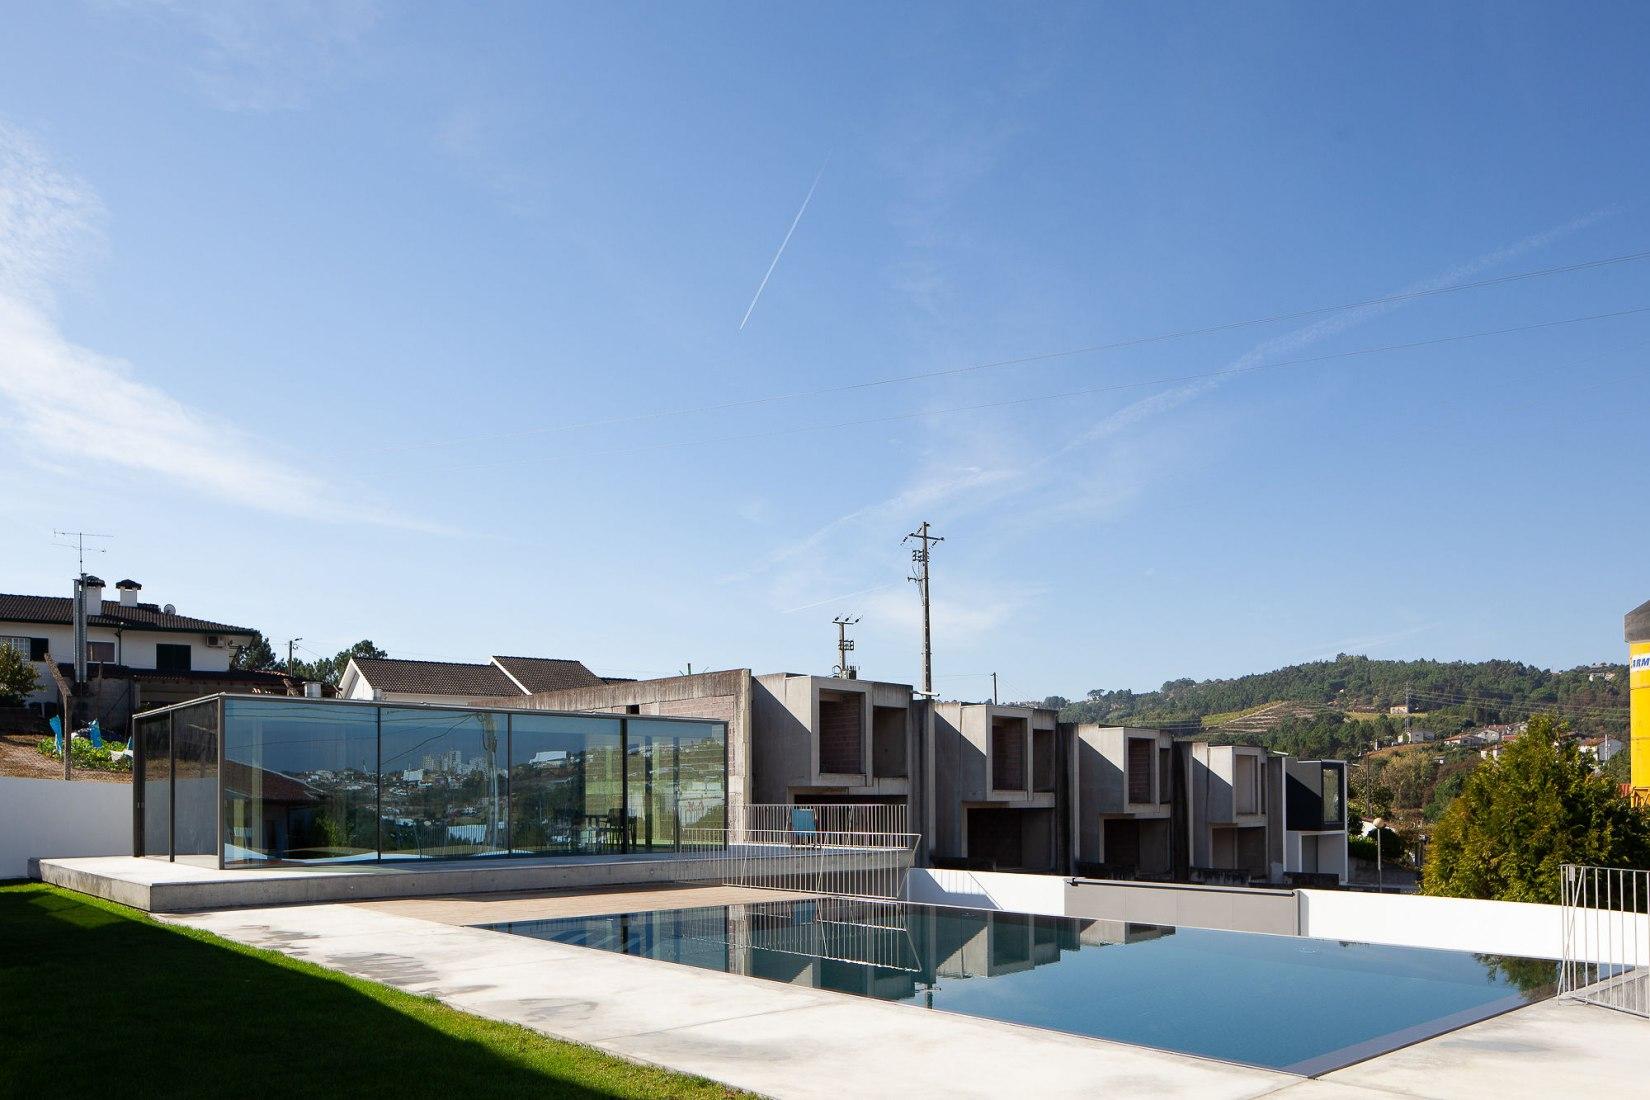 Casa de la Piscina por Antonio Cruz Lopes Architect. Fotografía de Jose Campos.